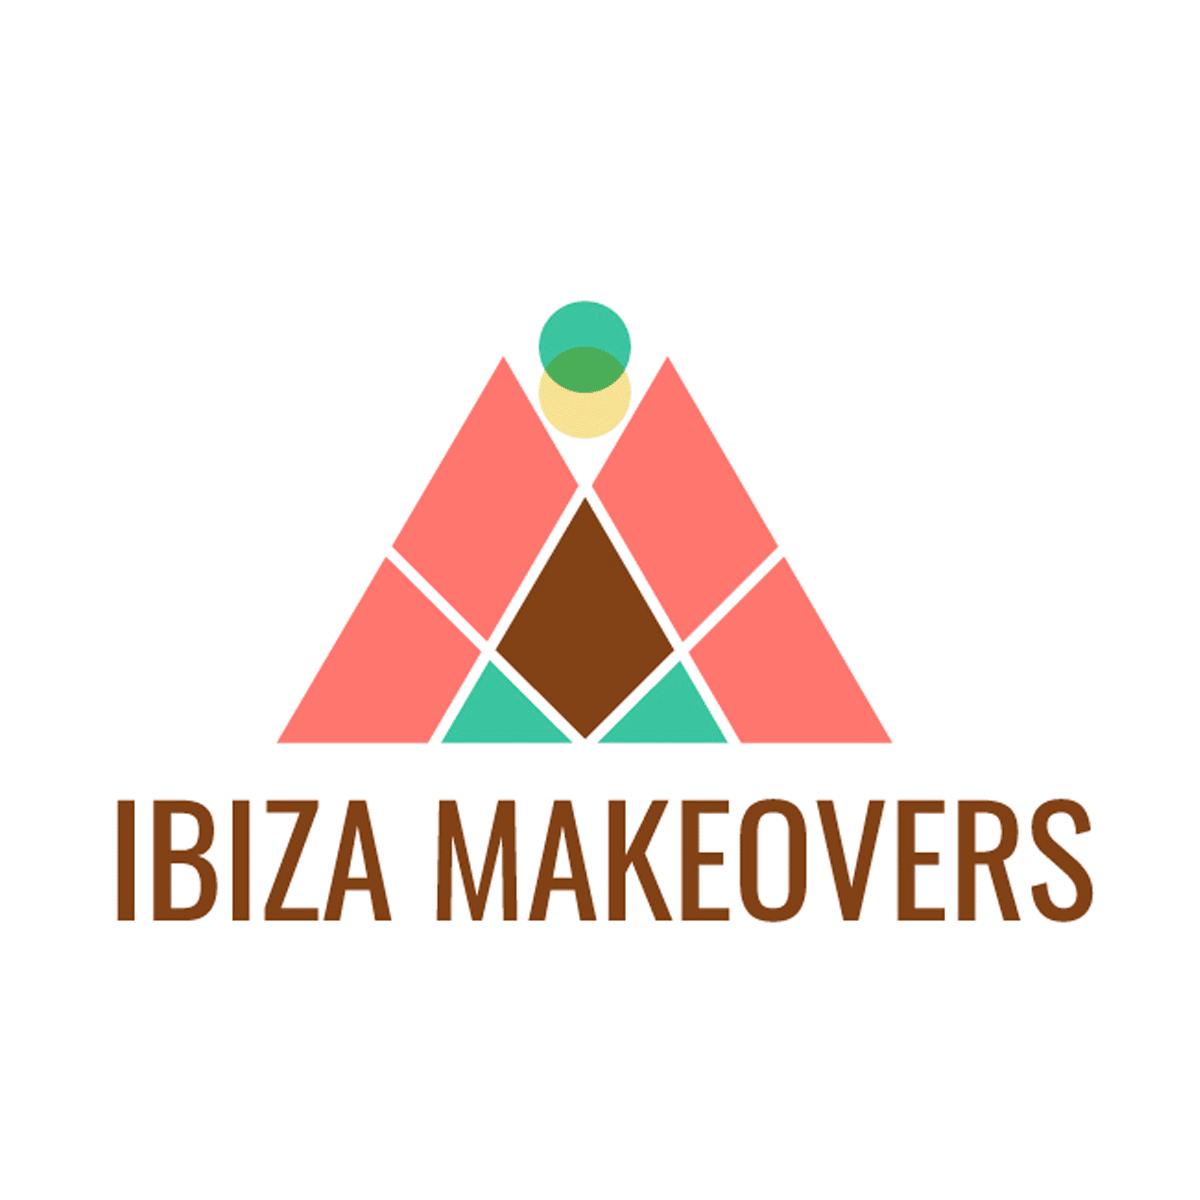 Diseño de logo, logo design